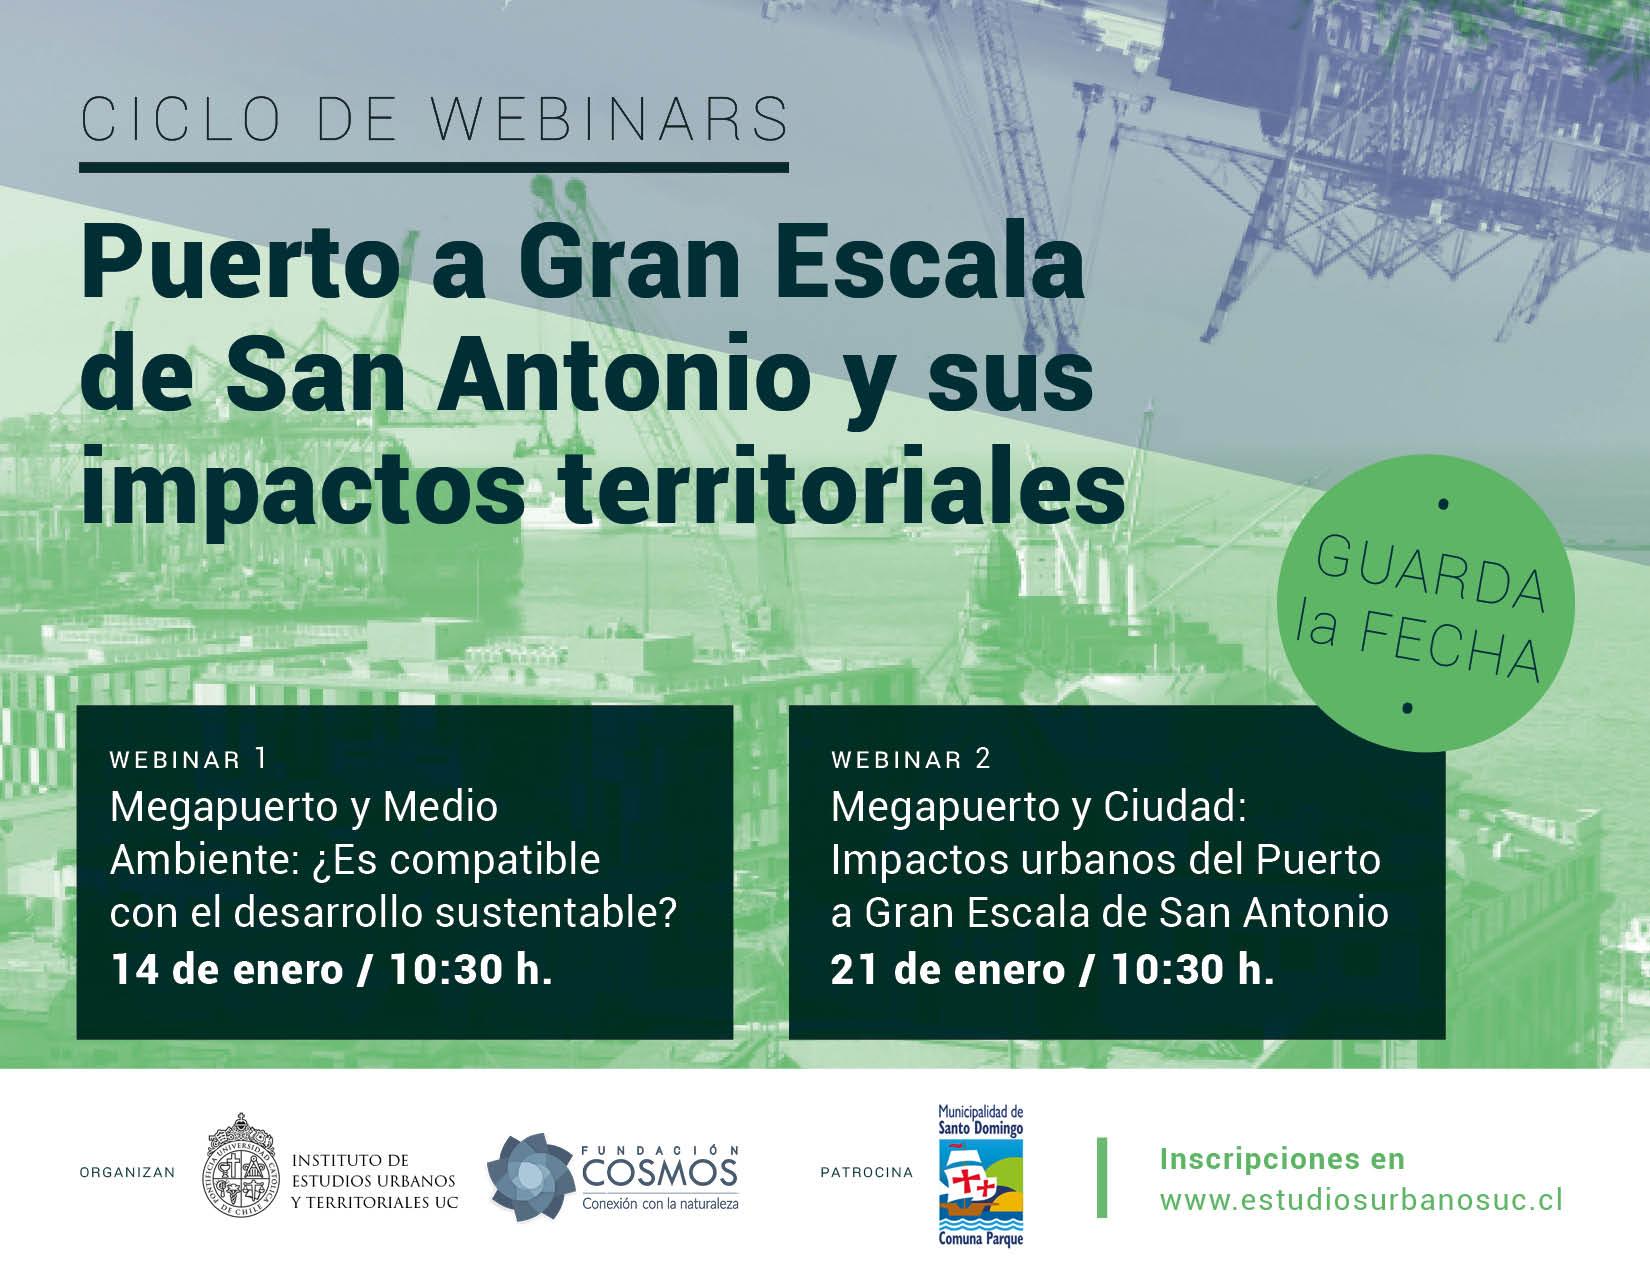 Revive aquí | Ciclo webinars Puerto a Gran Escala de San Antonio y sus impactos territoriales